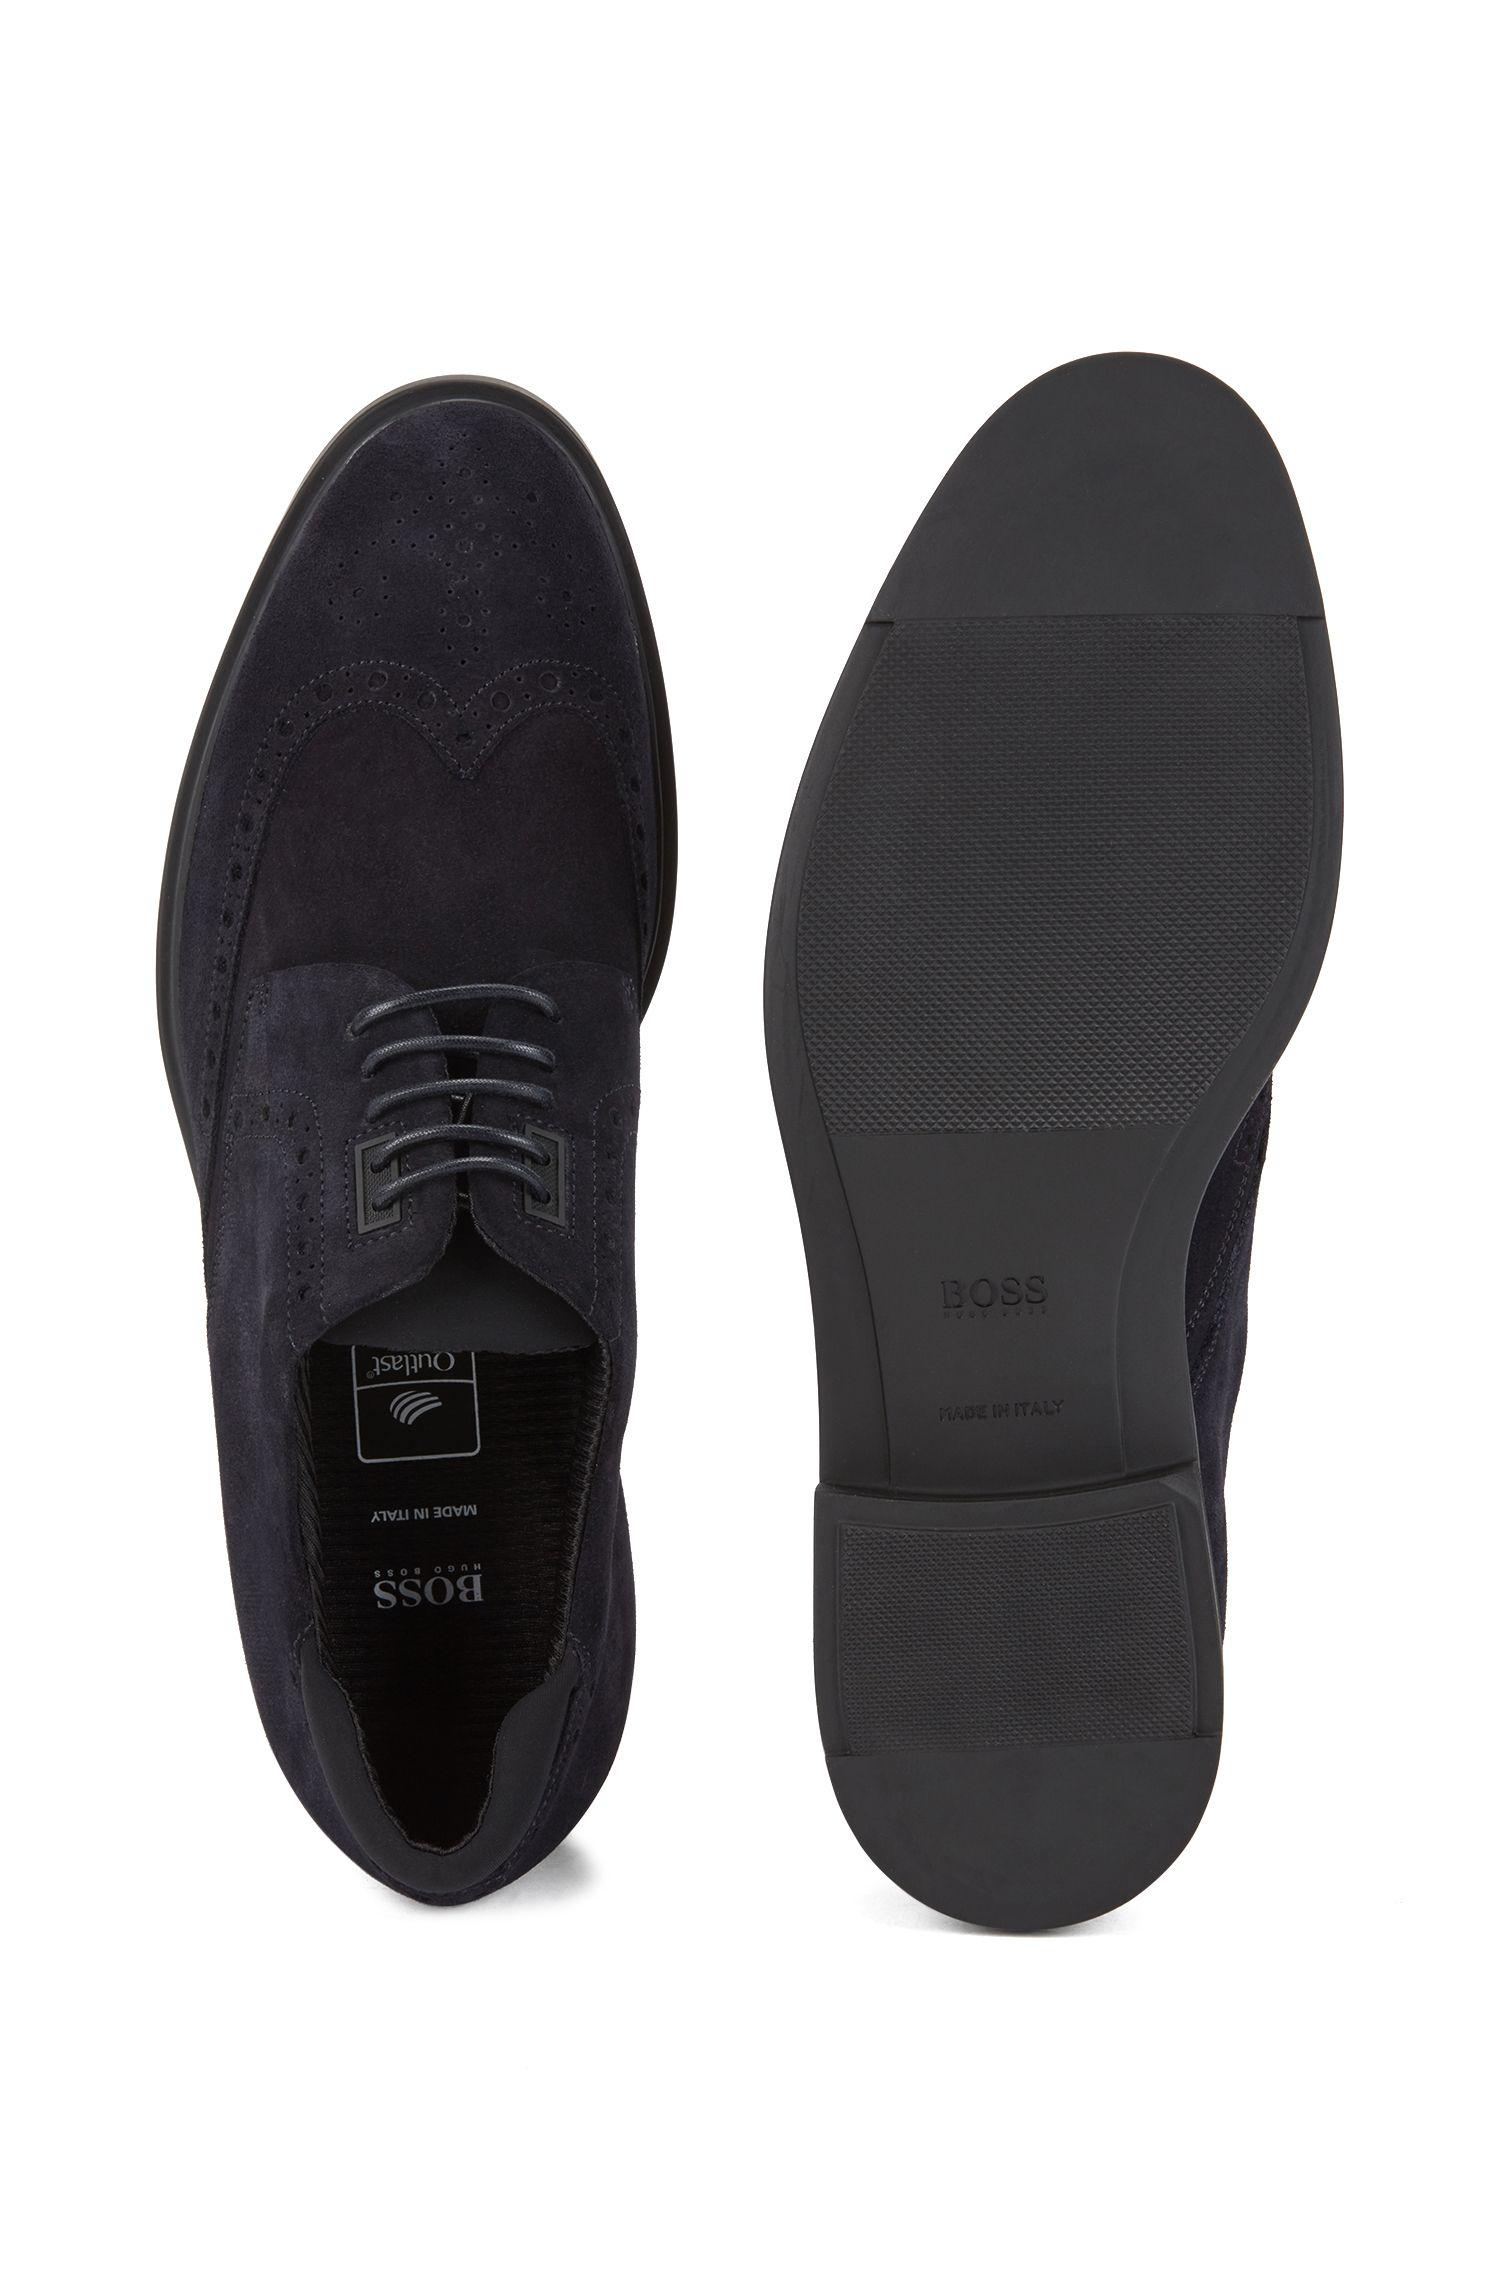 Chaussures derby en daim imperméable, avec détails richelieu, Bleu foncé